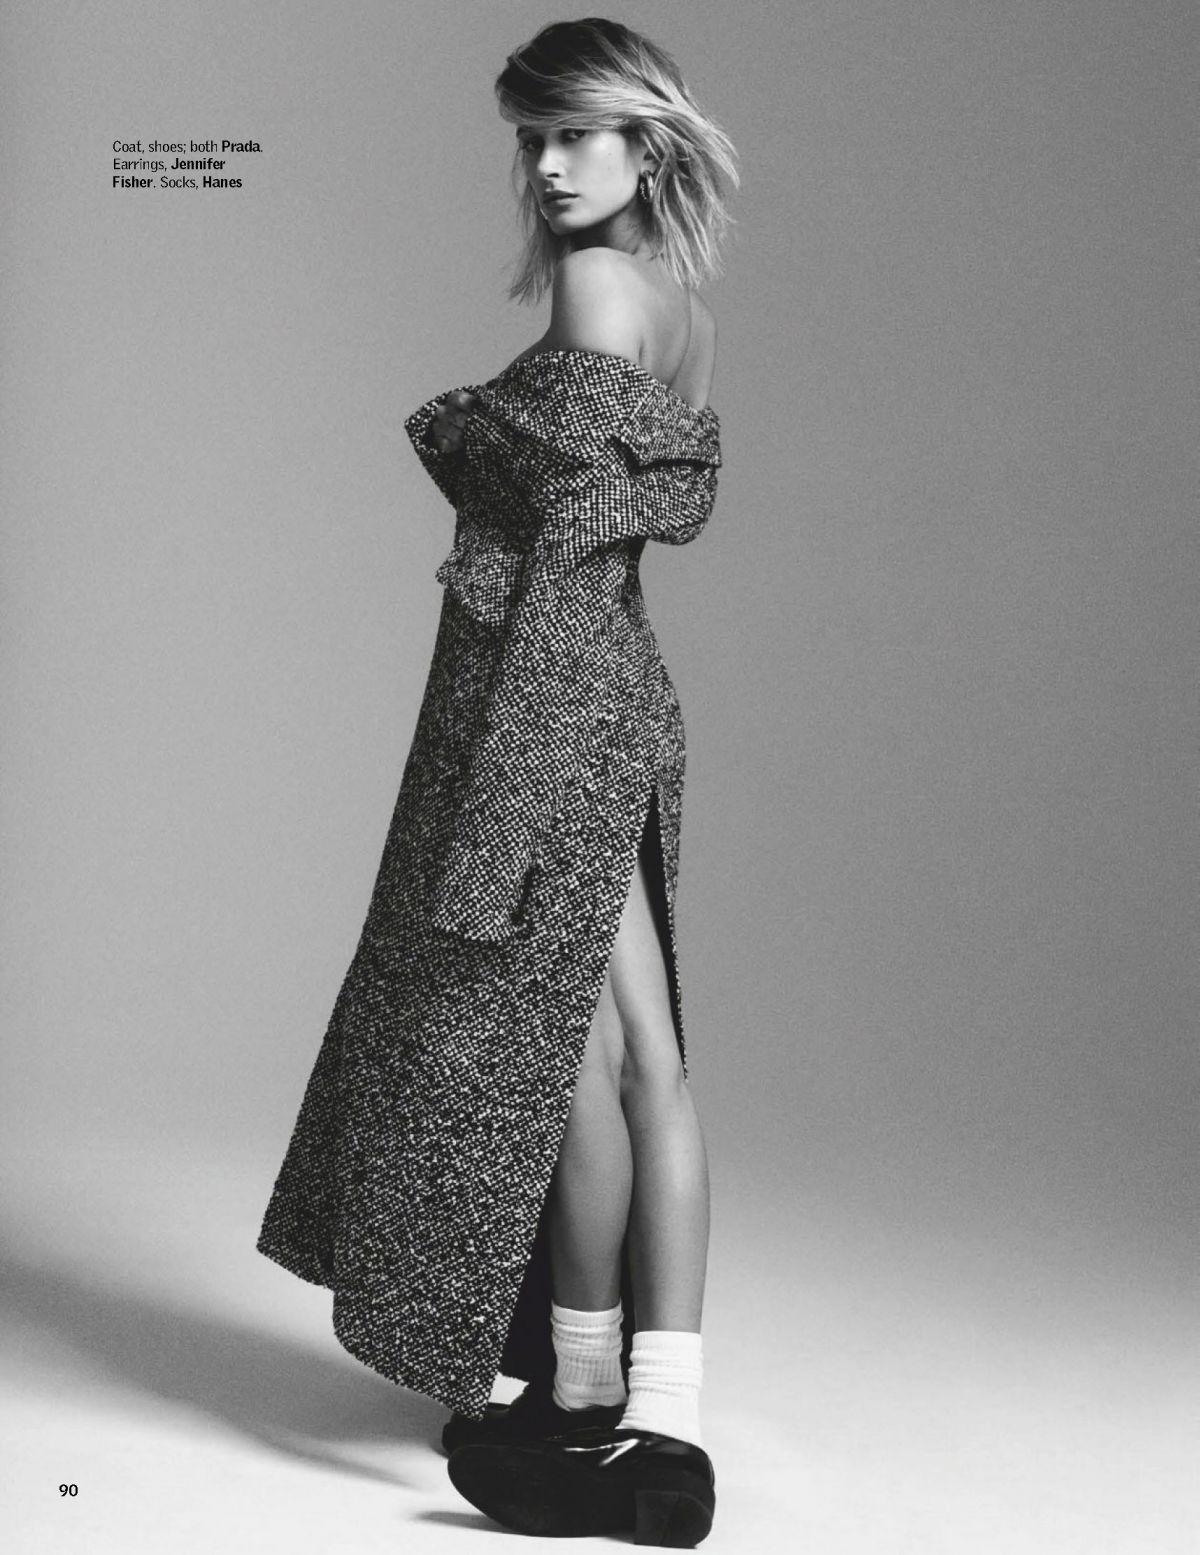 hailey-bieber-in-vogue-magazine-india-august-2020-6